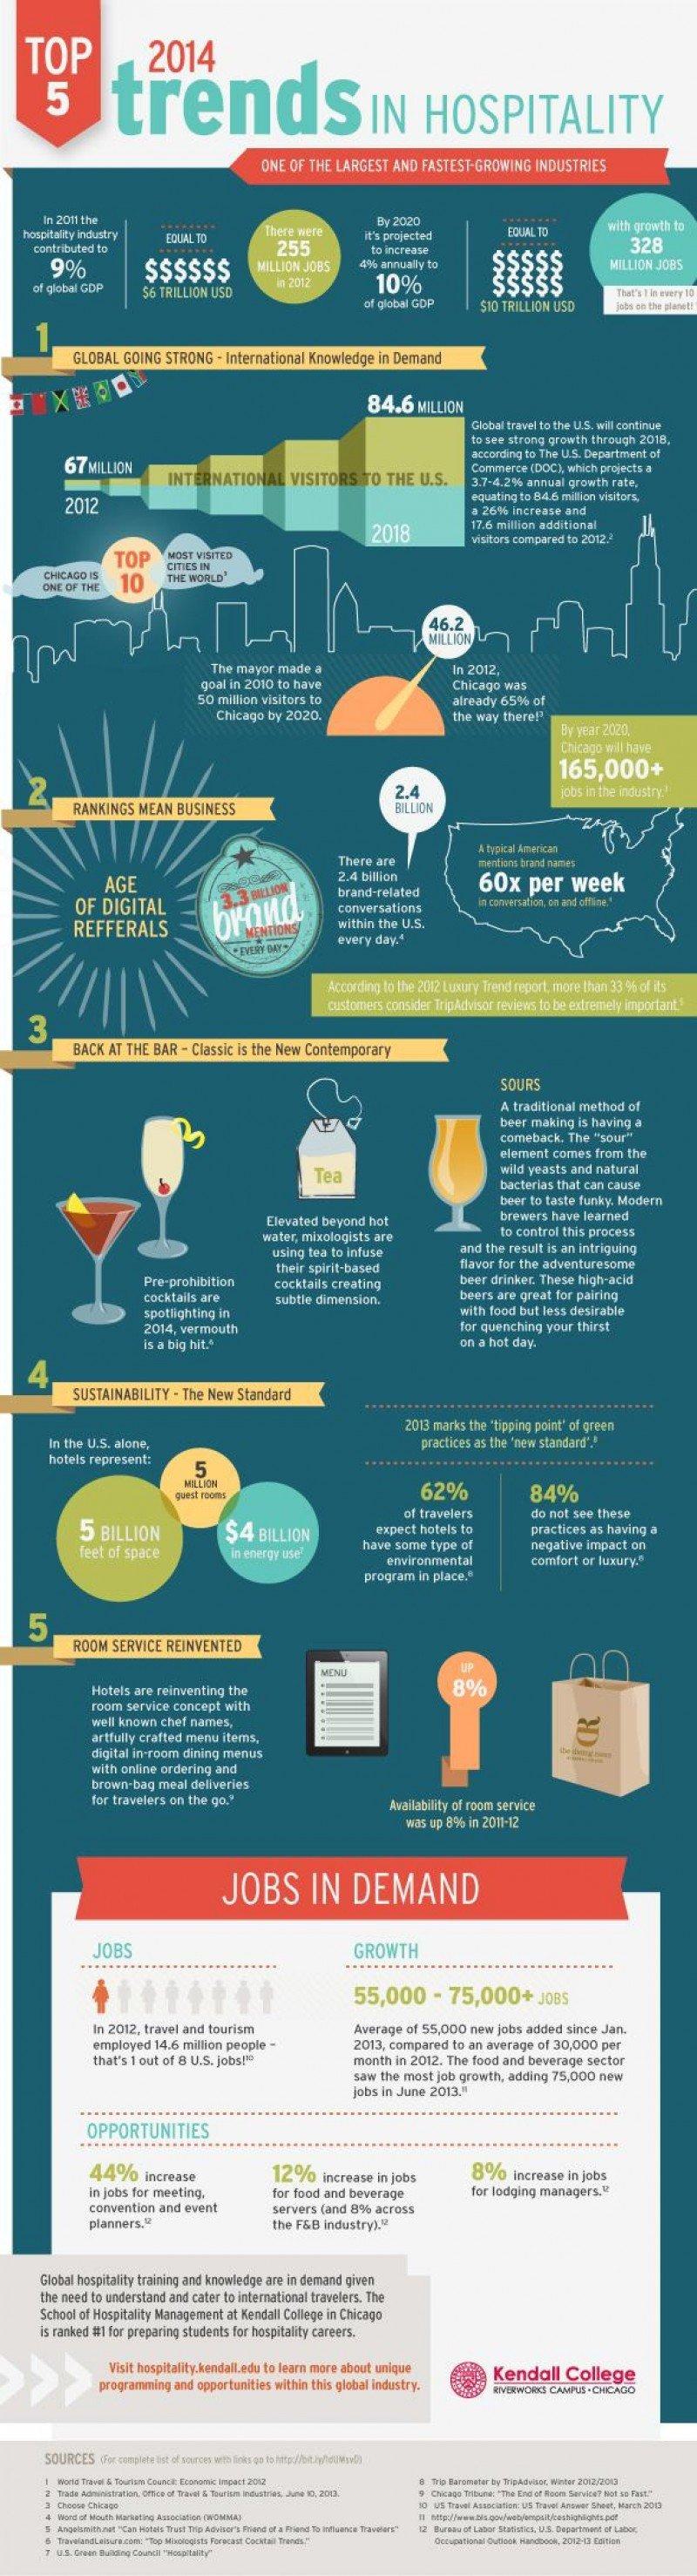 Infografía de Kendall College sobre las tendencias del sector hotelero para 2014.